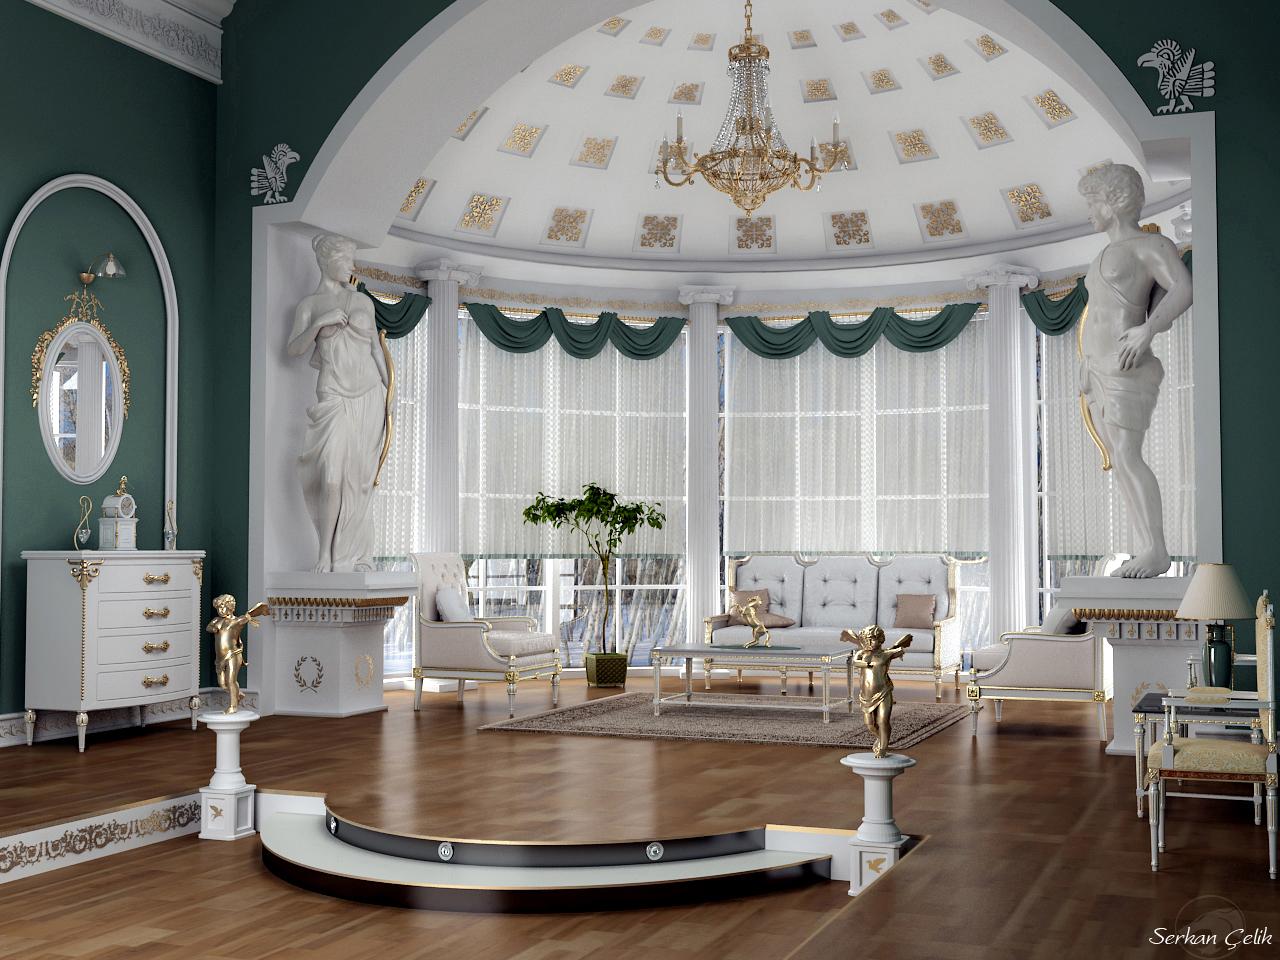 Interior Design Ideas: Classic Interior Design